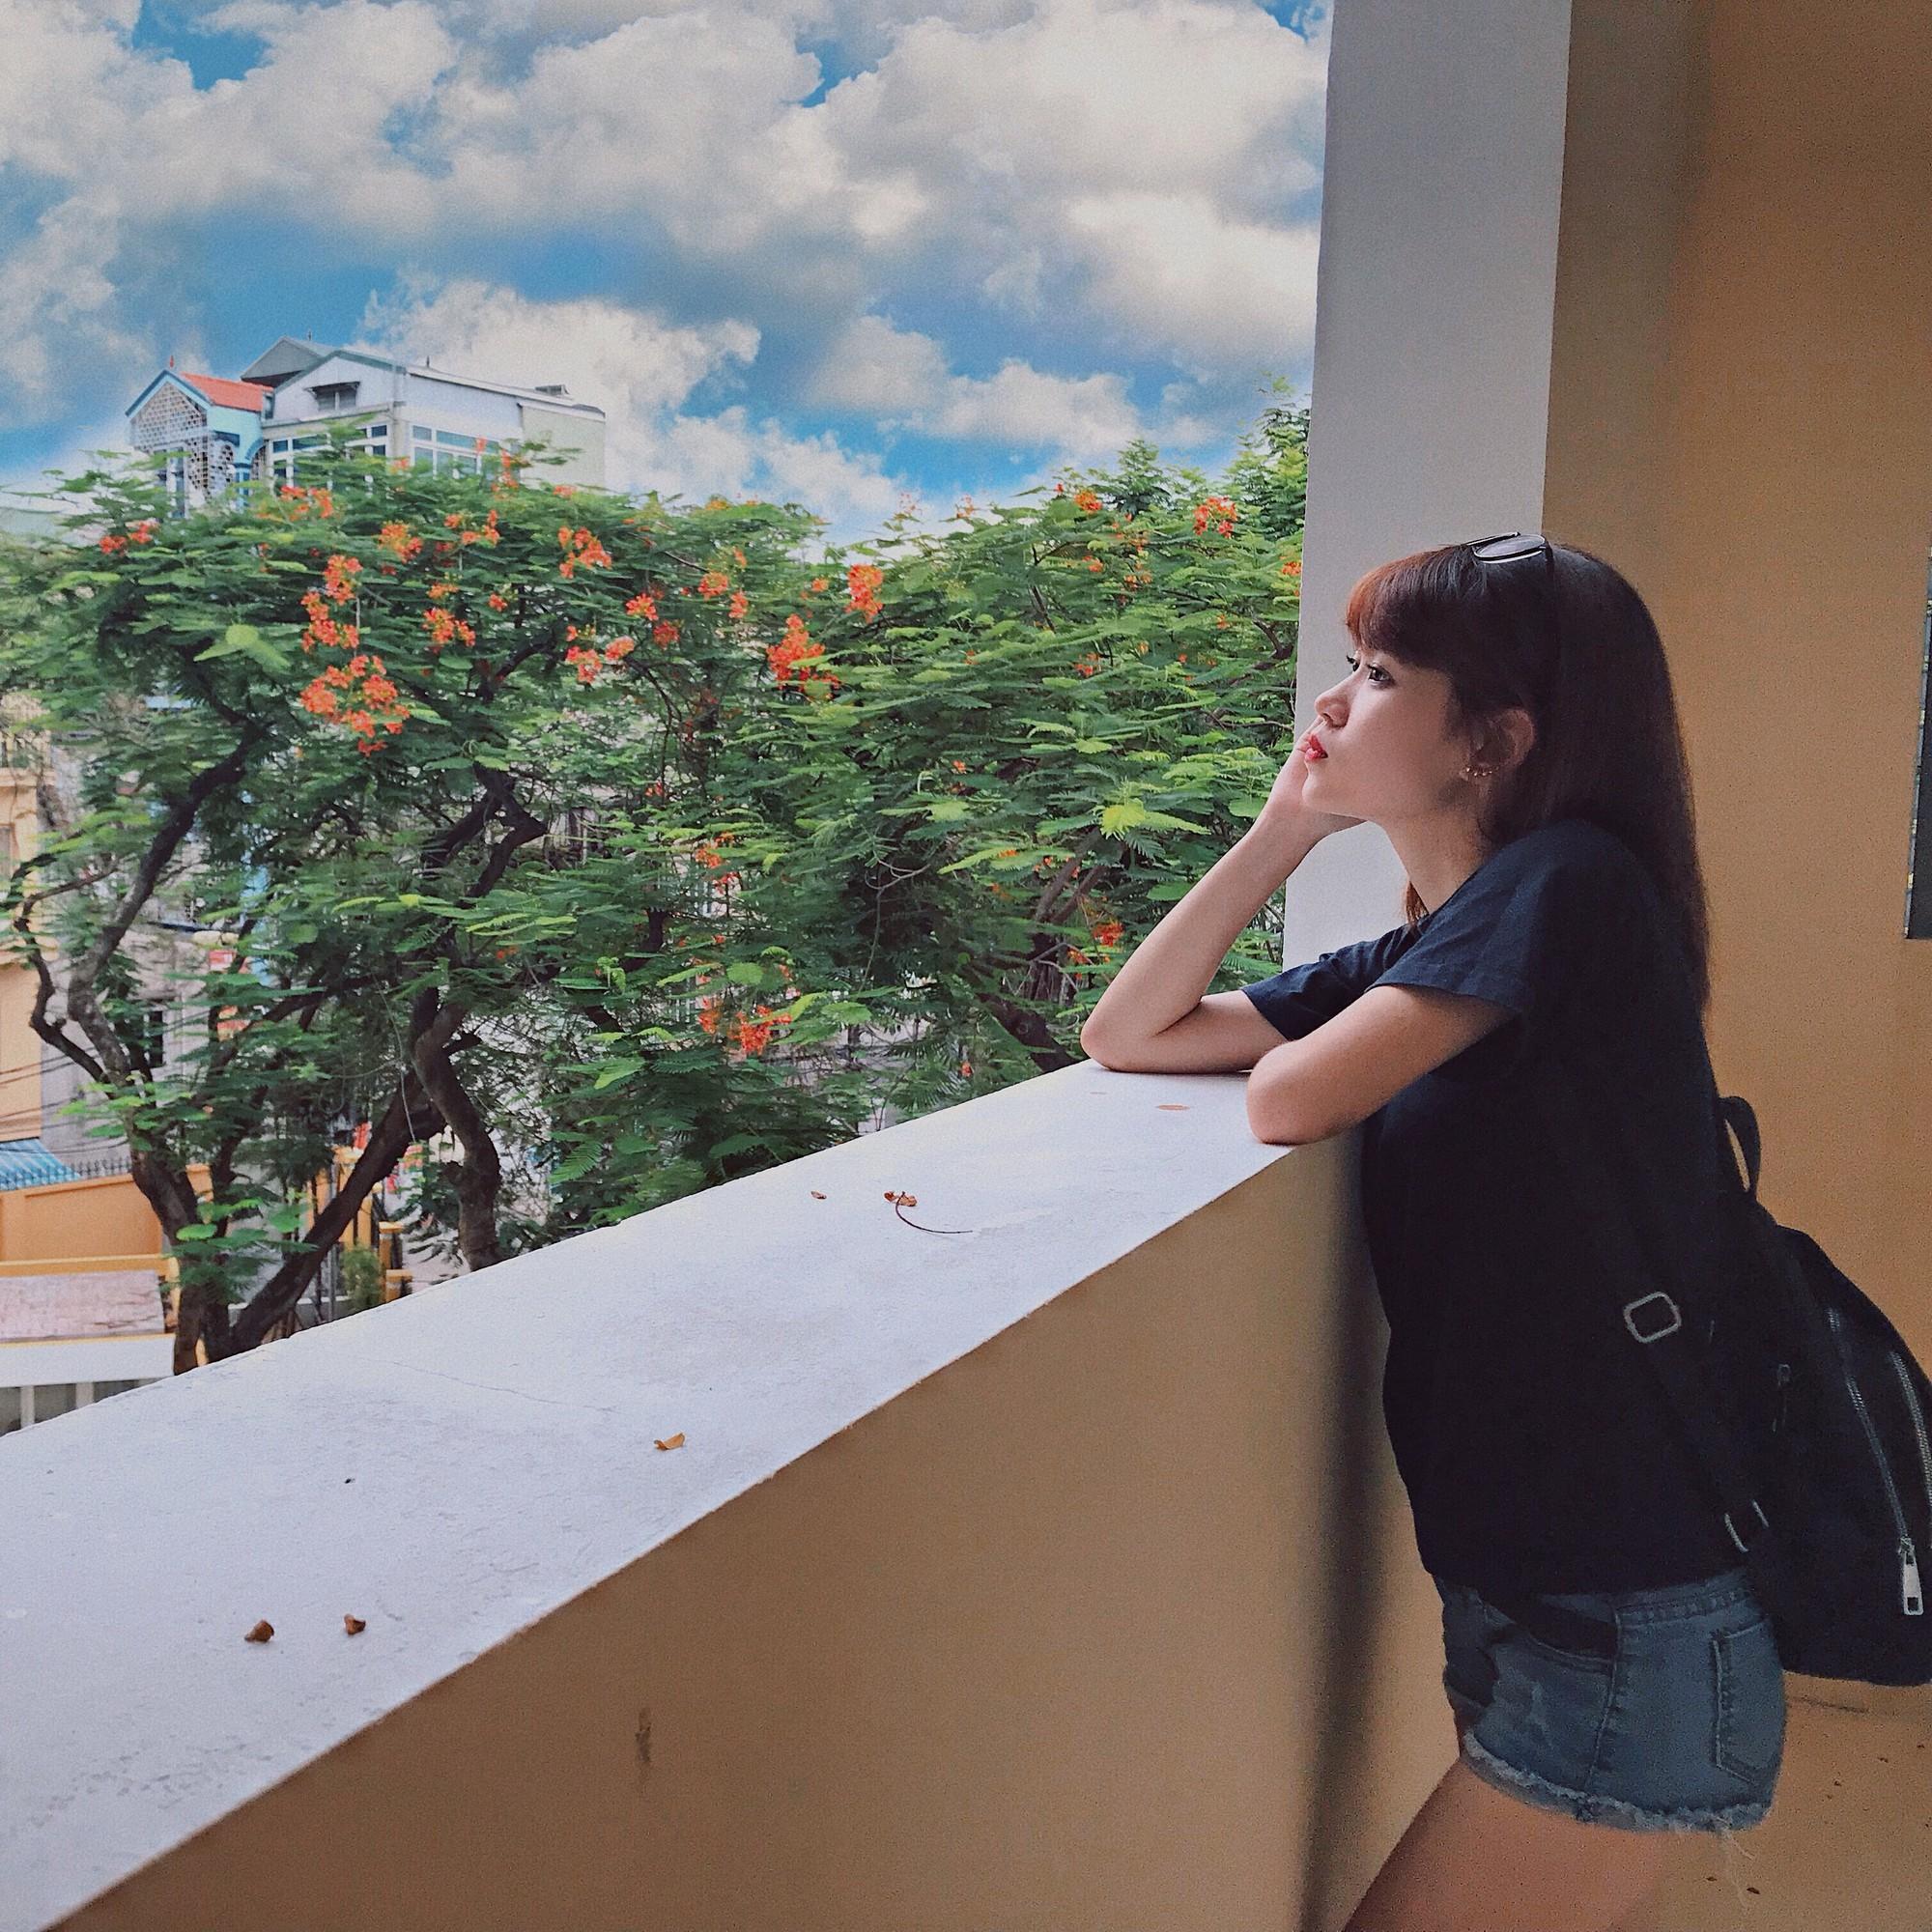 Xuất hiện ngôi trường cấp 3 công lập cao nhất Hà Nội, siêu đẹp và hiện đại với vô vàn góc sống ảo xịn sò - Ảnh 16.